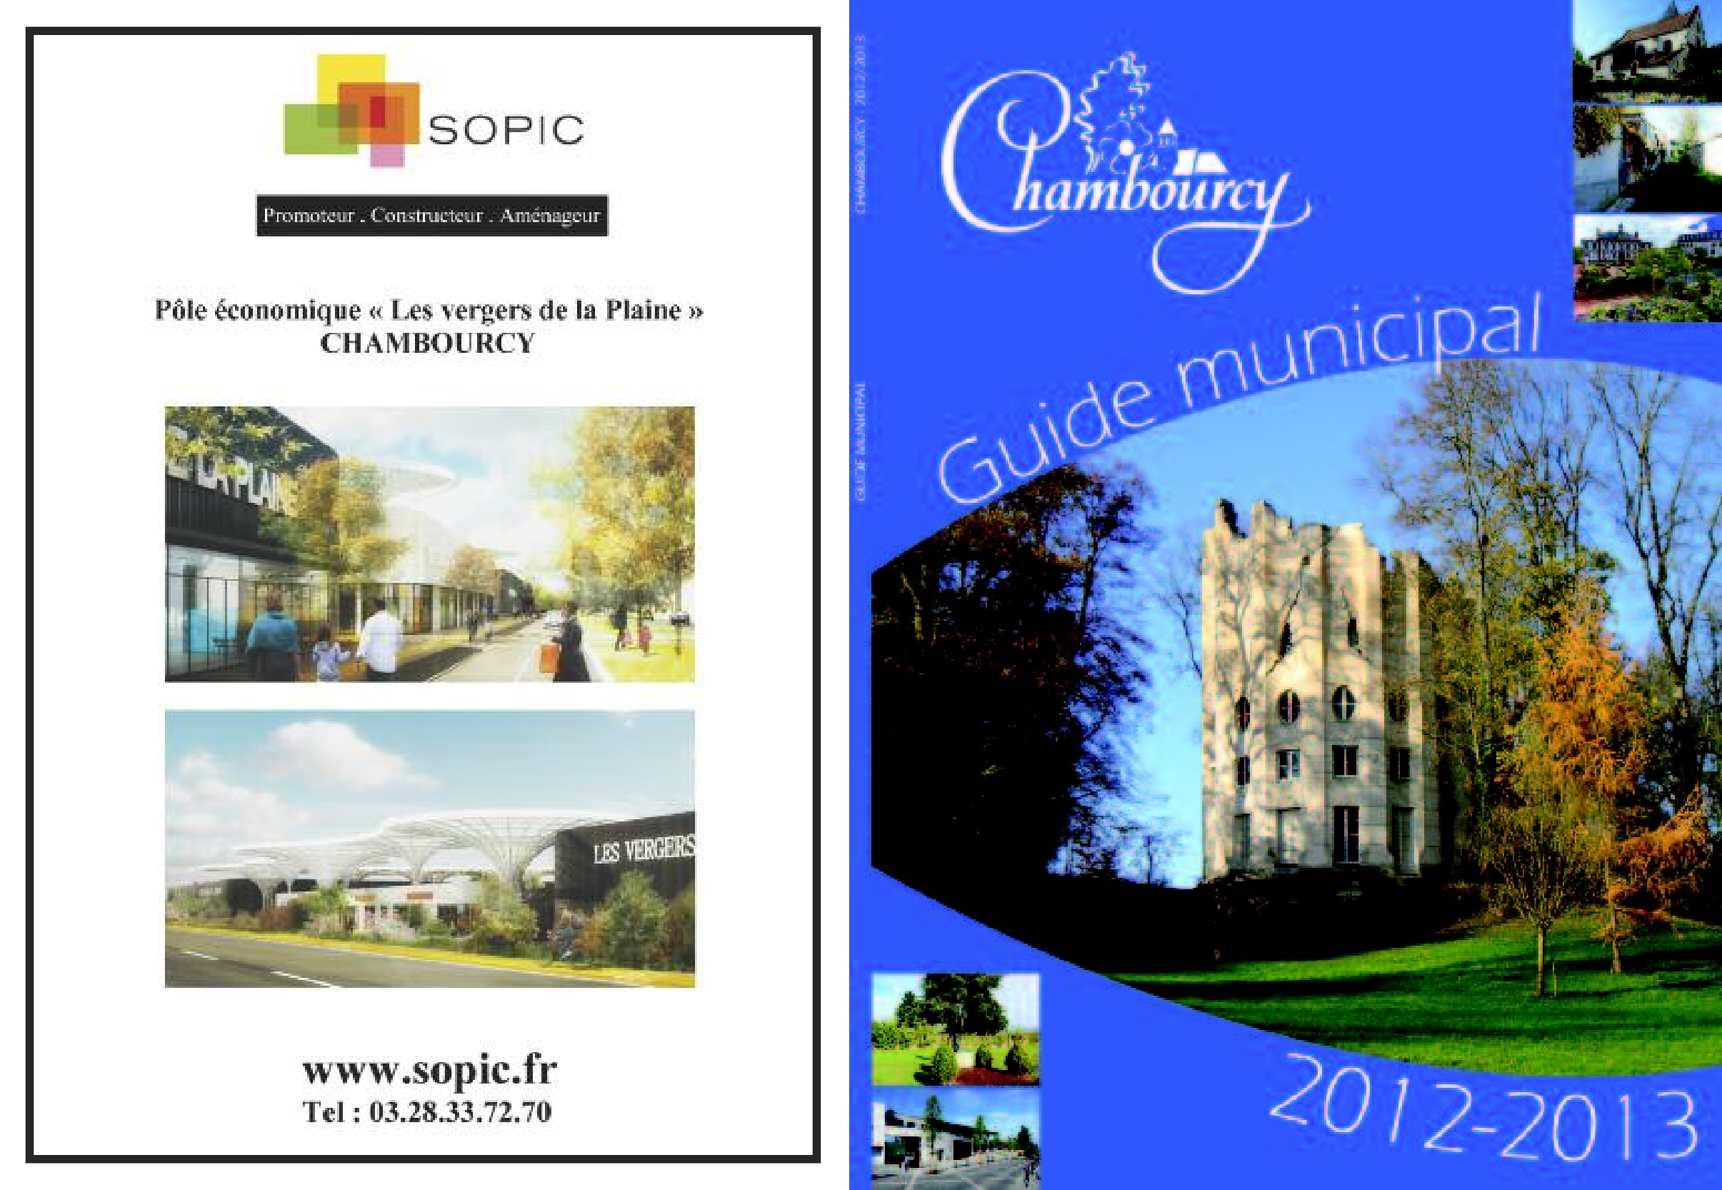 Calameo Guide Municipal Chambourcy 2012 2013